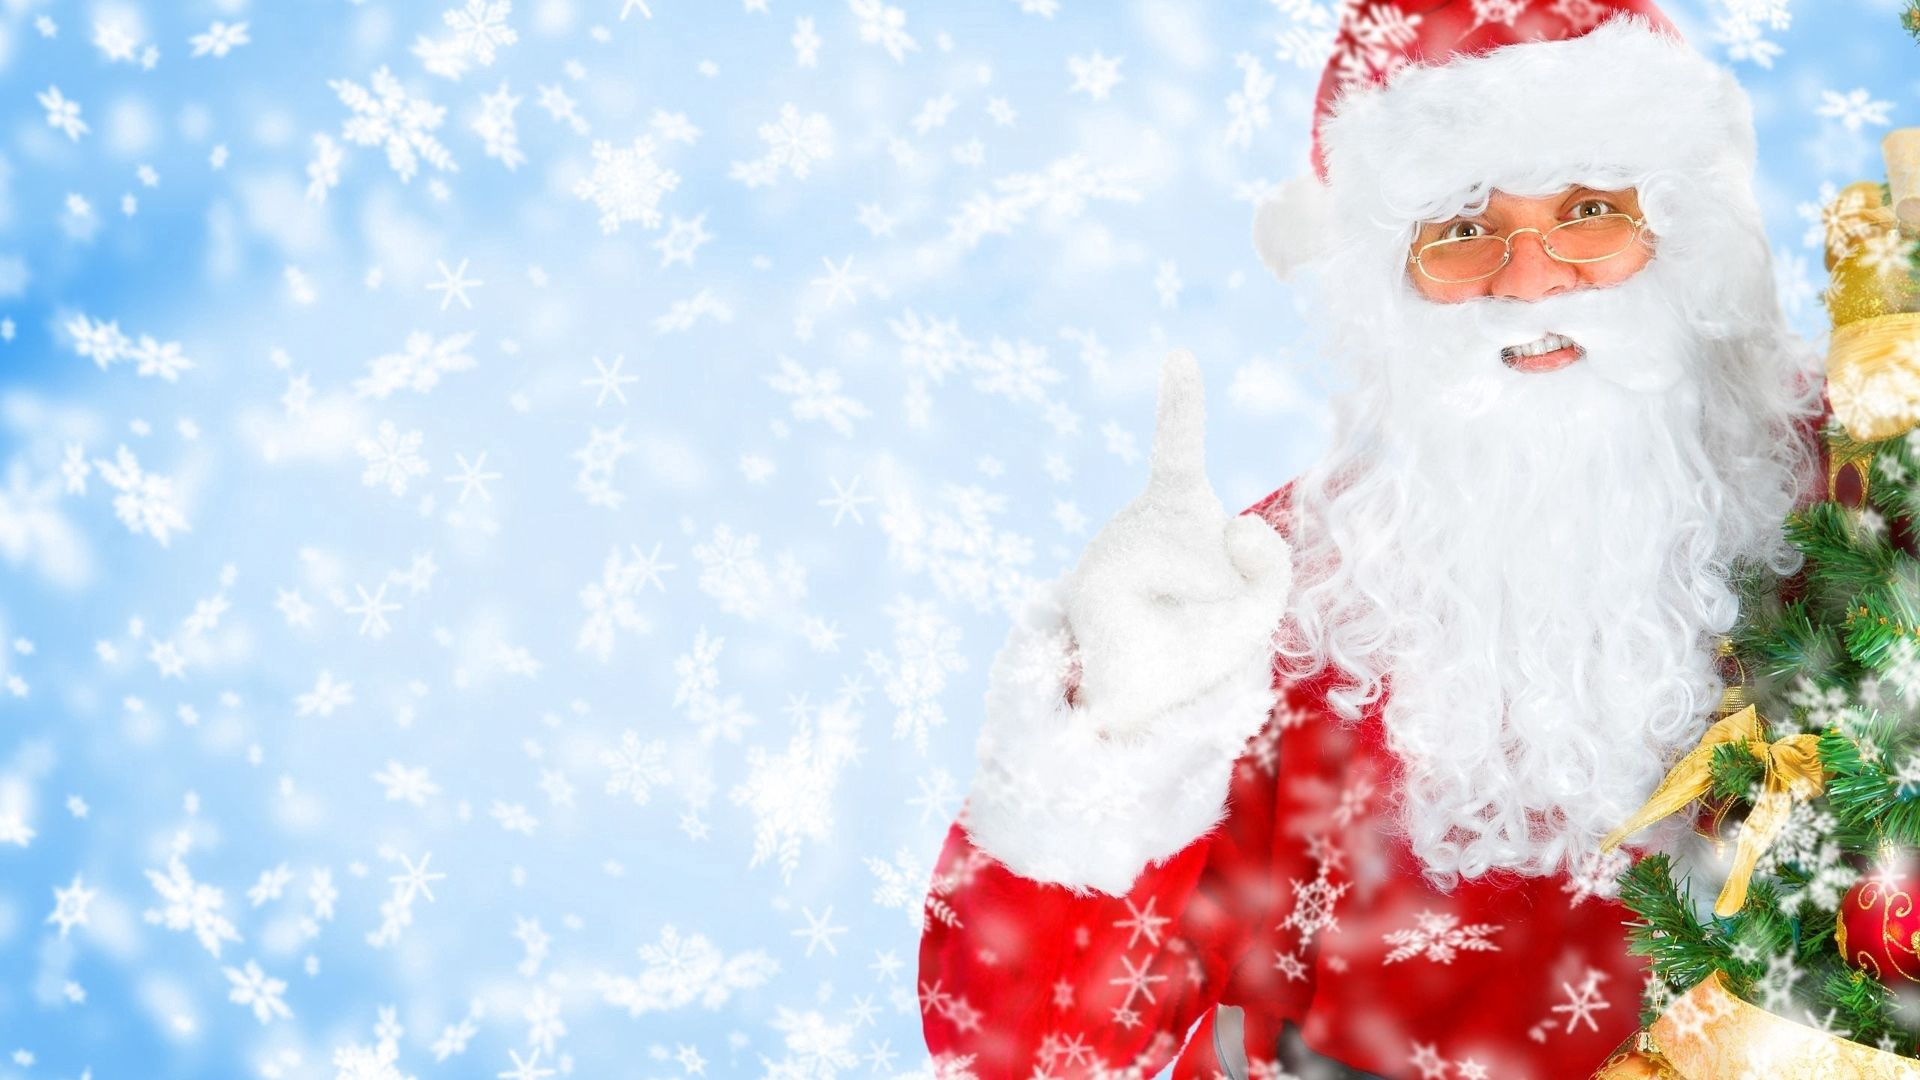 132178 Hintergrundbild herunterladen Feiertage, Neujahr, Väterchen Frost, Weihnachtsmann, Neues Jahr, Urlaub - Bildschirmschoner und Bilder kostenlos